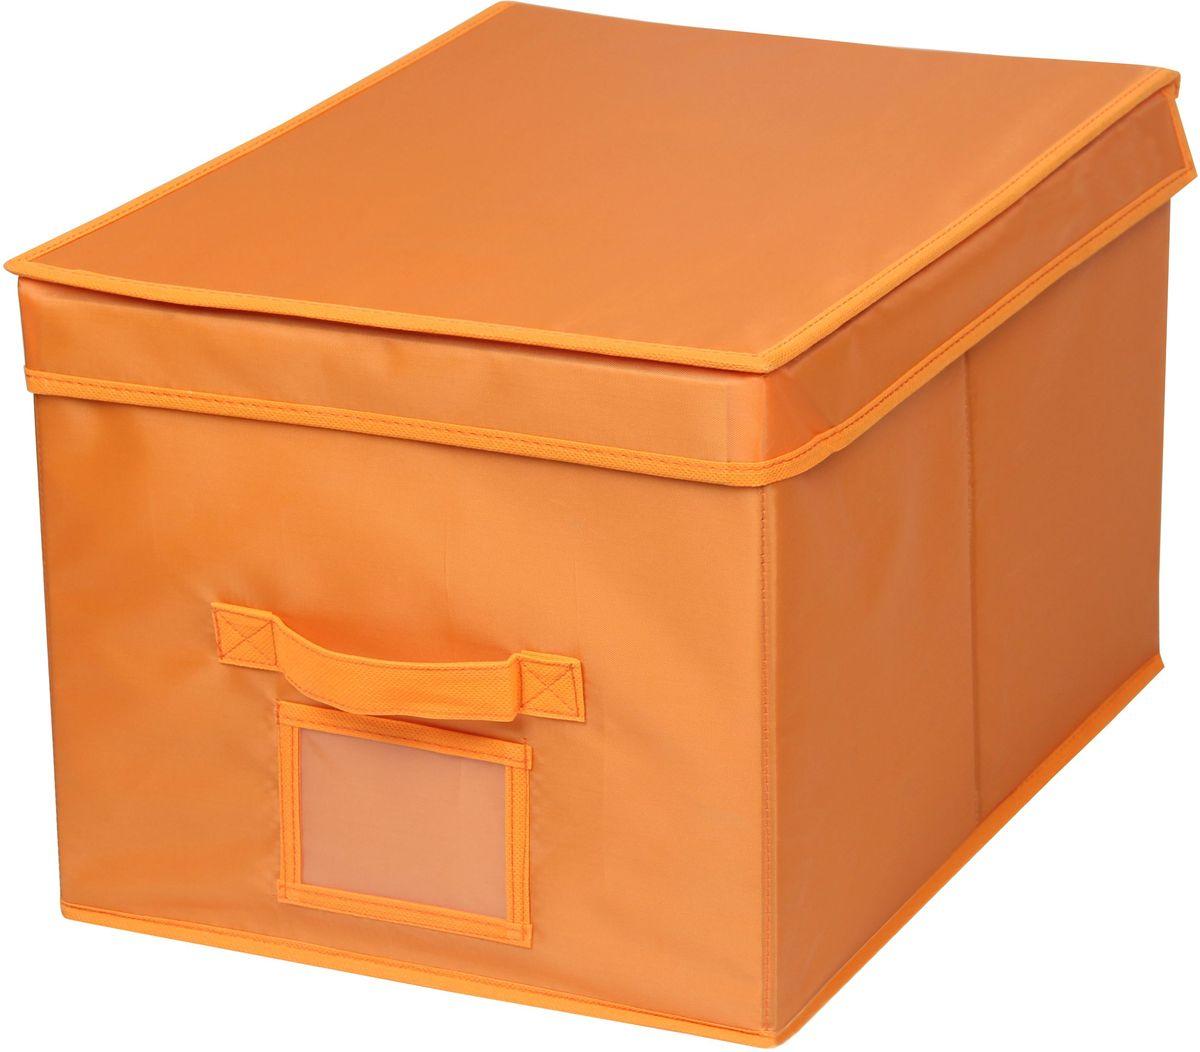 Кофр для хранения Handy Home Апельсин, 40 х 50 х 25 смUC-41Кофр для кранения Handy Home - прямоугольный складной с крышкой. Занимает минимум места в сложенном виде. Естественная вентиляция: материал позволяет воздуху свободно проникать внутрь, не пропуская пыль. Подходит для хранения одежды, обуви, мелких предметов, документов и многого другого.